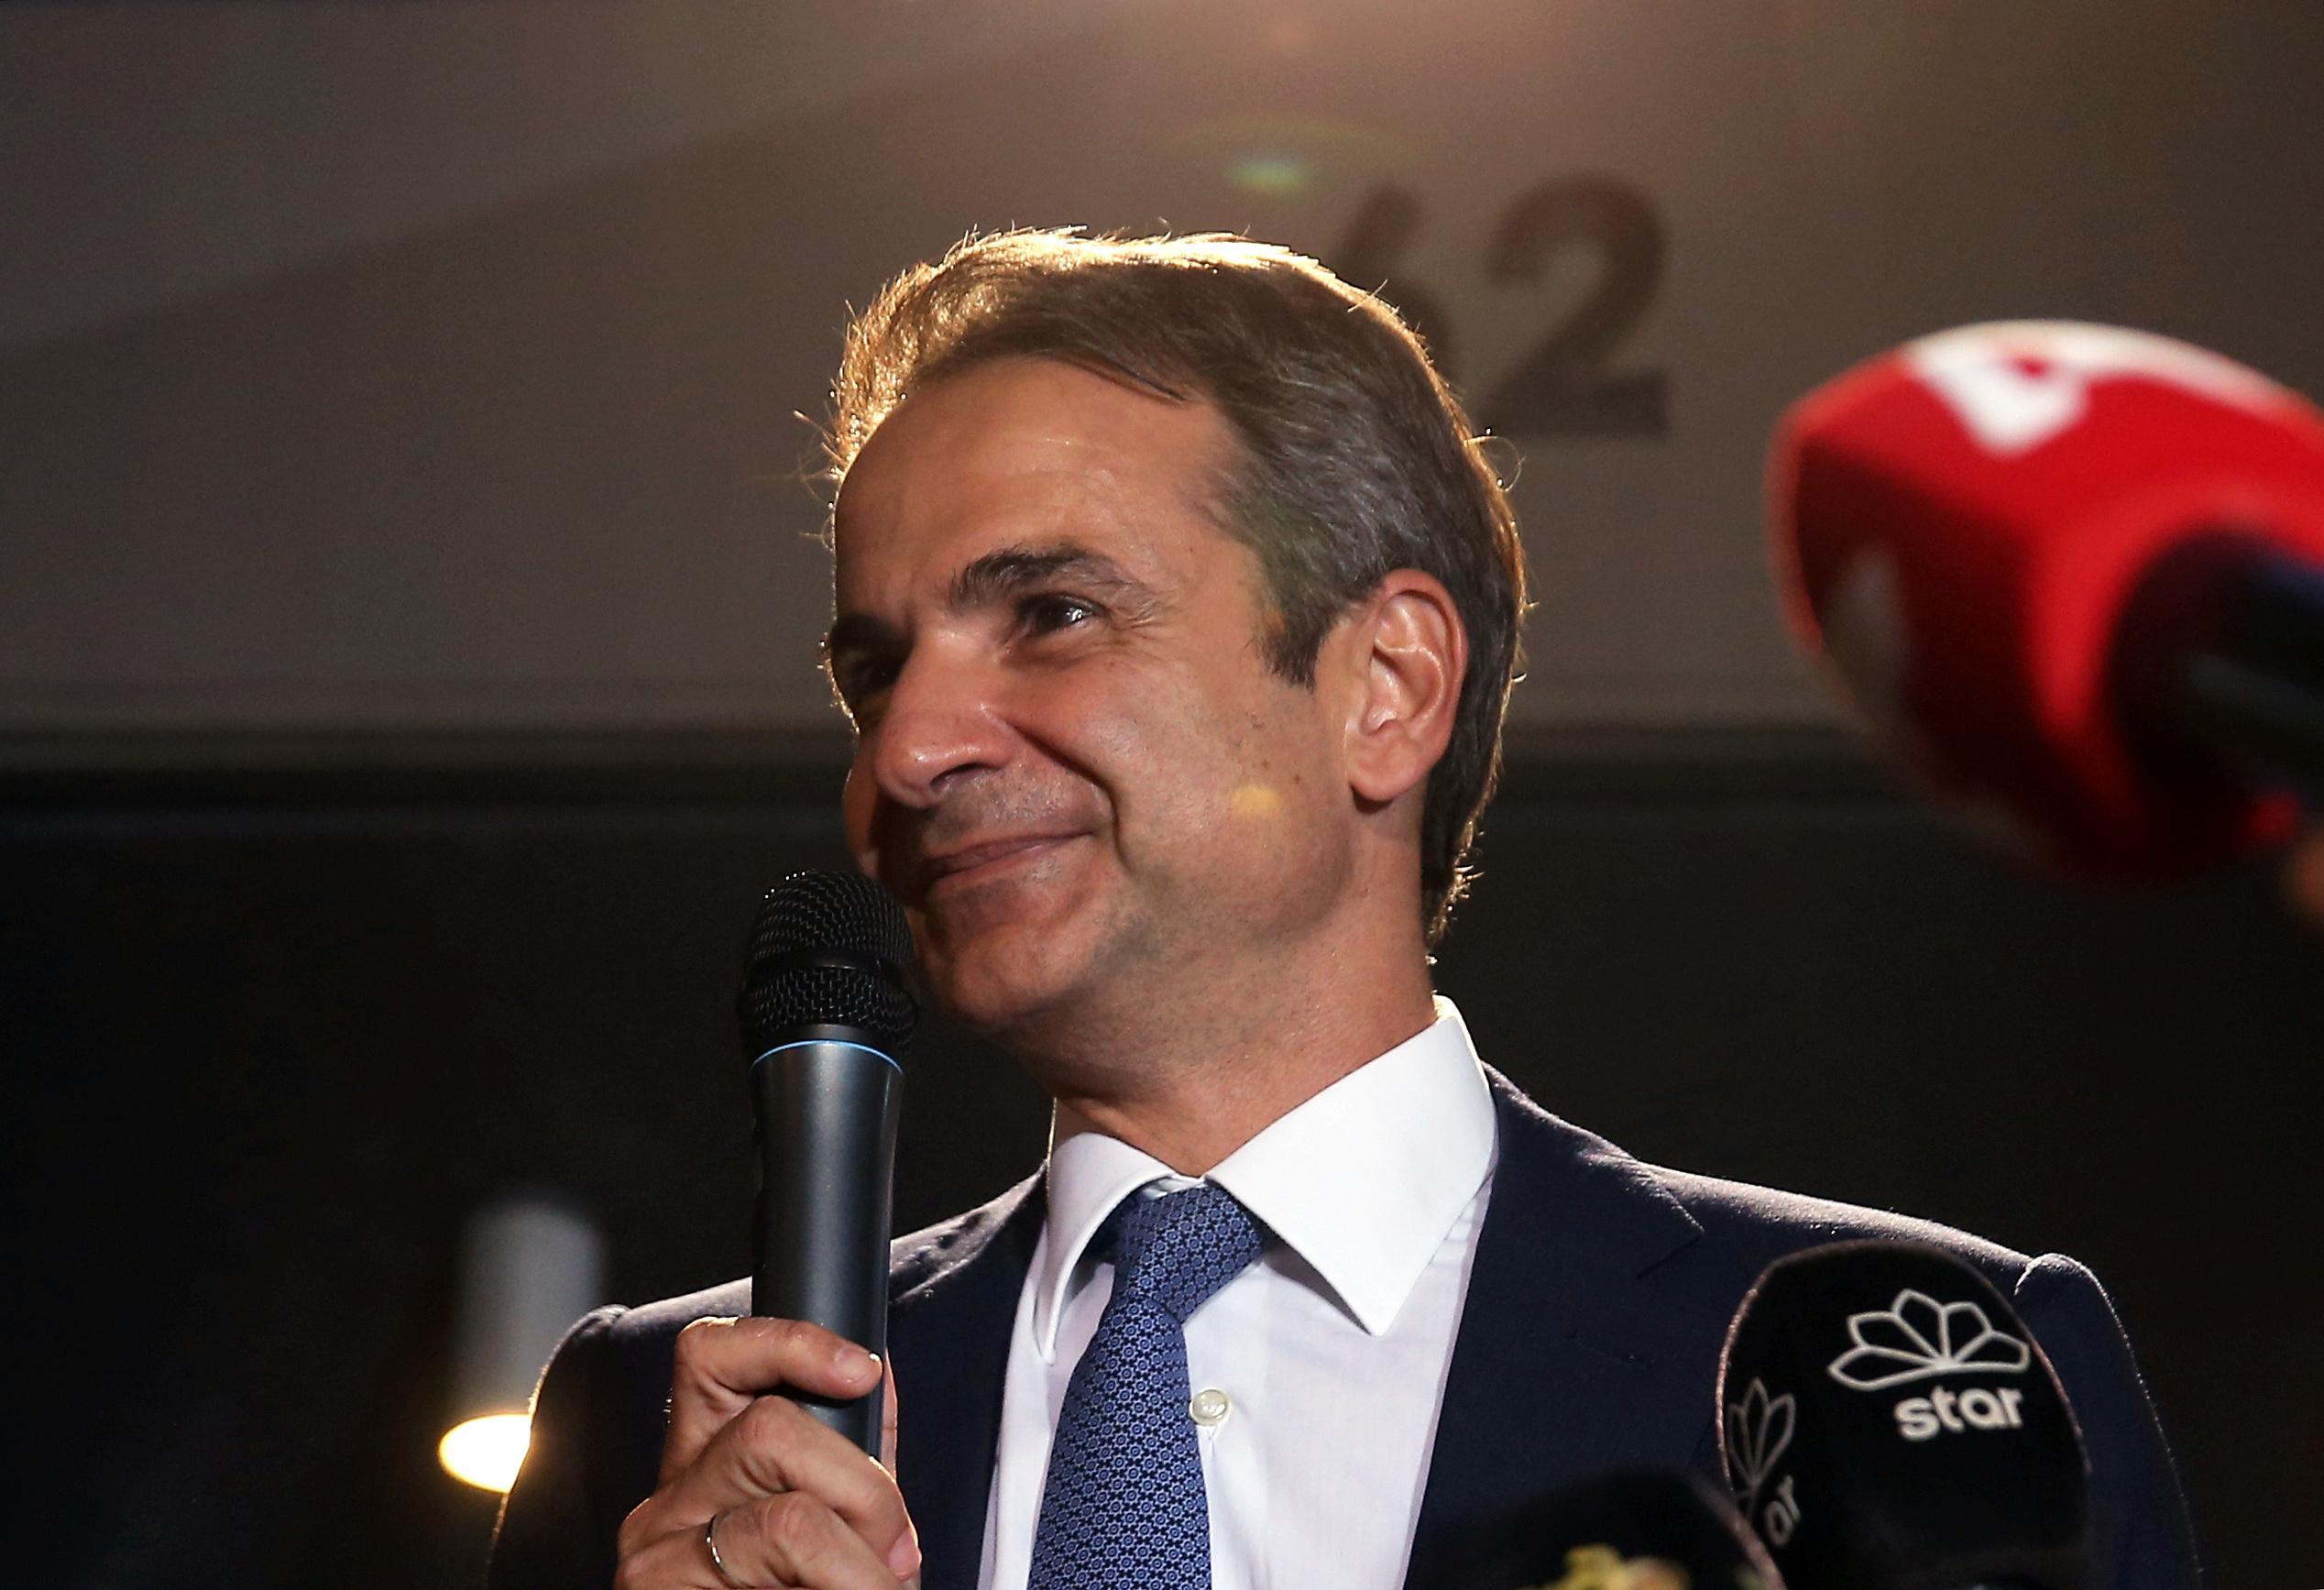 Les conservateurs grecs prennent les choses en main en remportant un glissement de terrain, promettent plus d'investissements et moins d'impôts